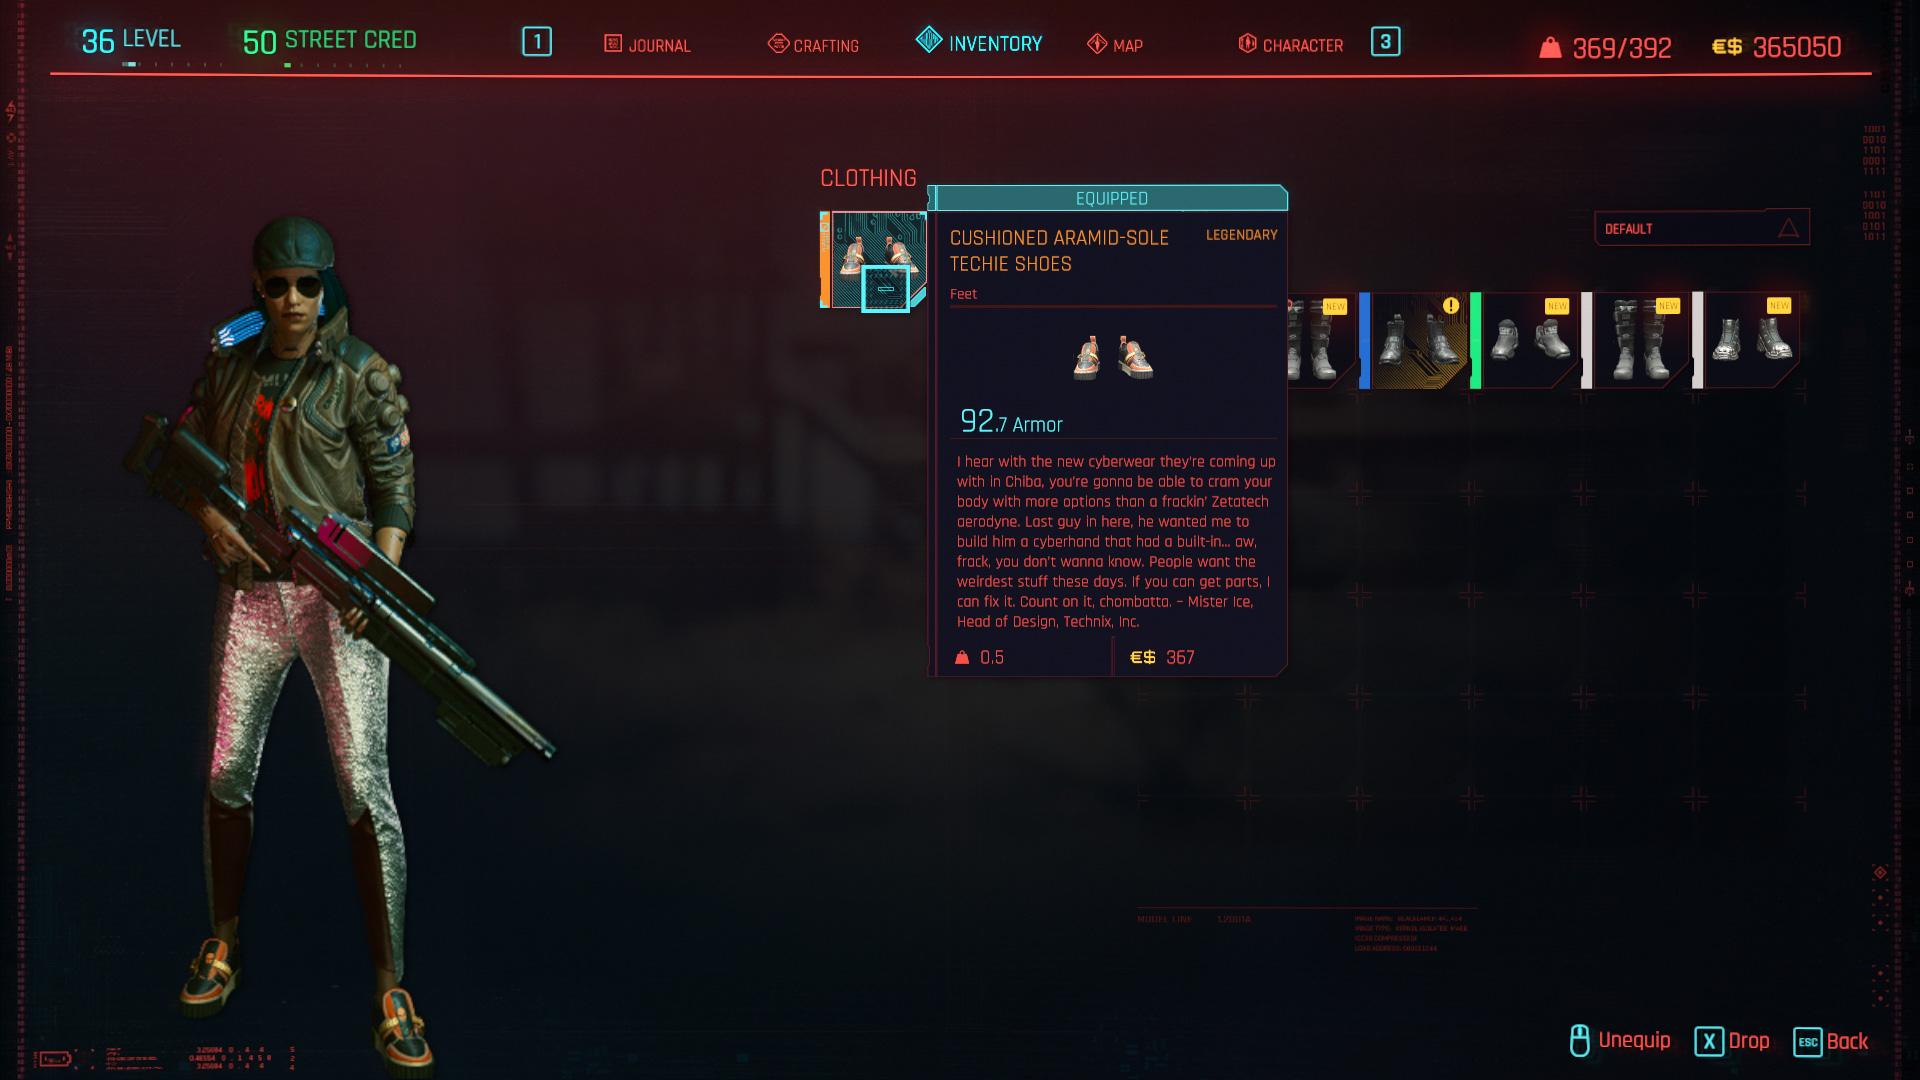 Tous les vêtements légendaires et emblématiques dans Cyberpunk 2077 - Chaussures Techie à semelle aramide rembourrée